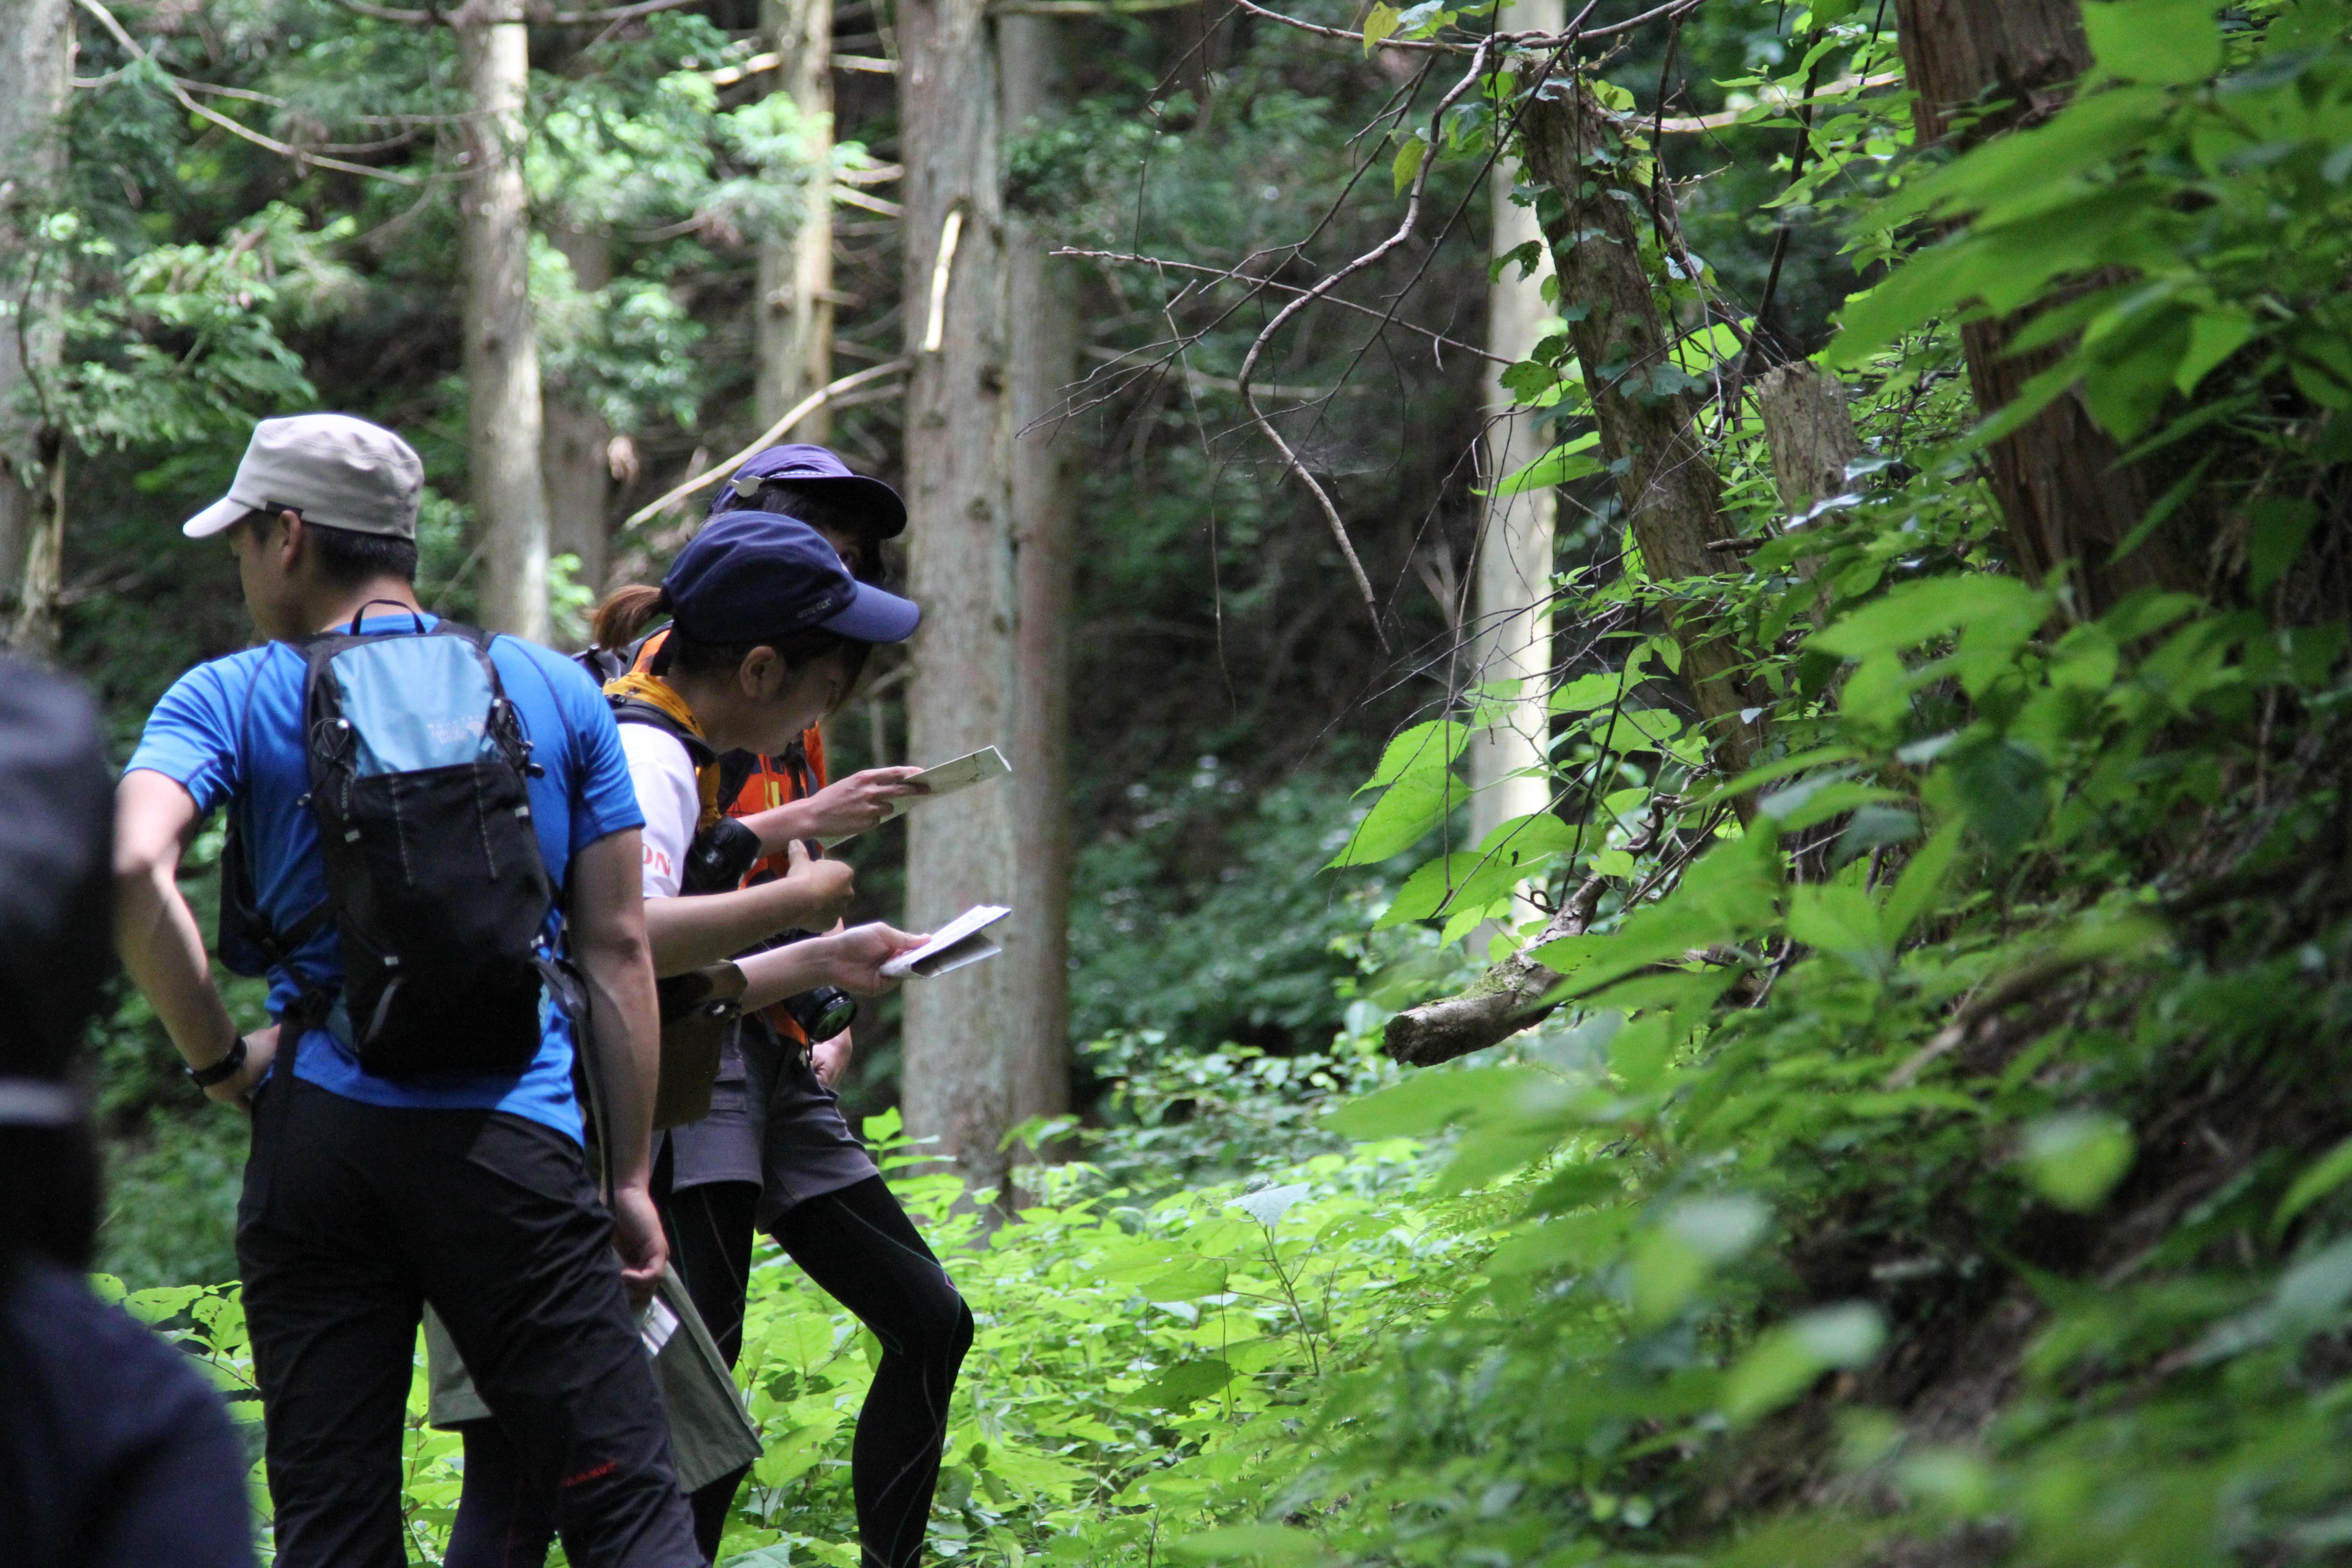 【中止】2020.5.30 山の講習会 ≪フィールドトレーニング≫F5B 山での地図読み 元加治